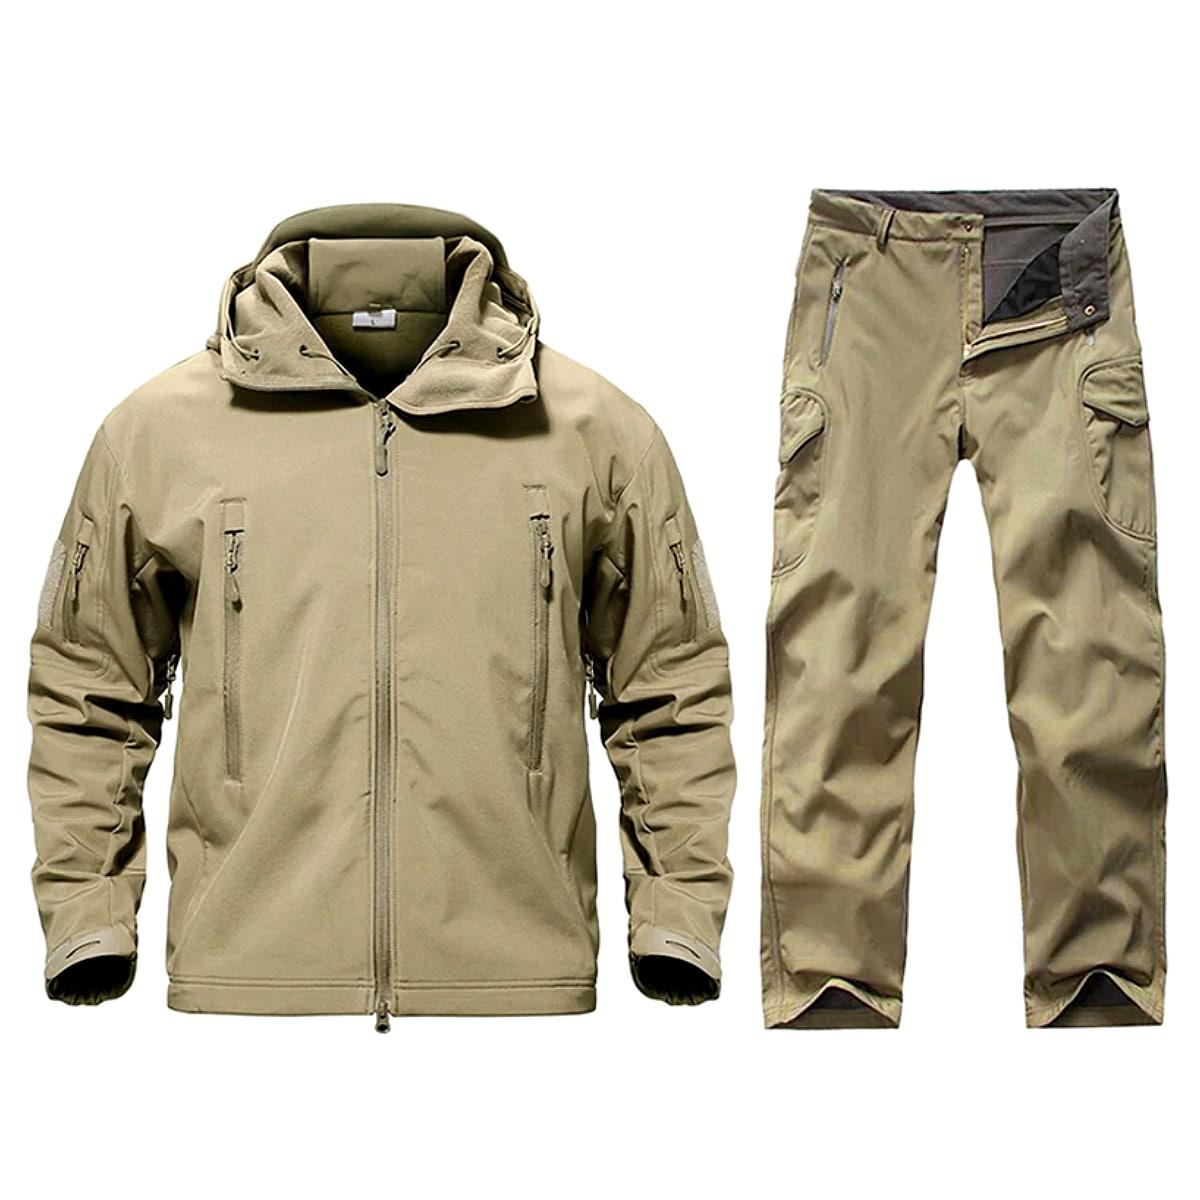 【送料無料!】全10色! 6サイズ! [Men's Waterproof Hooded Tactical Training Suit Set] メンズ ウォータープルーフタクティカルトレーニングスーツセット! ジャケット&パンツ 上下セット セットアップ 長袖 ジャージ ランニング カモフラージュ 迷彩 サバゲー バイクに!